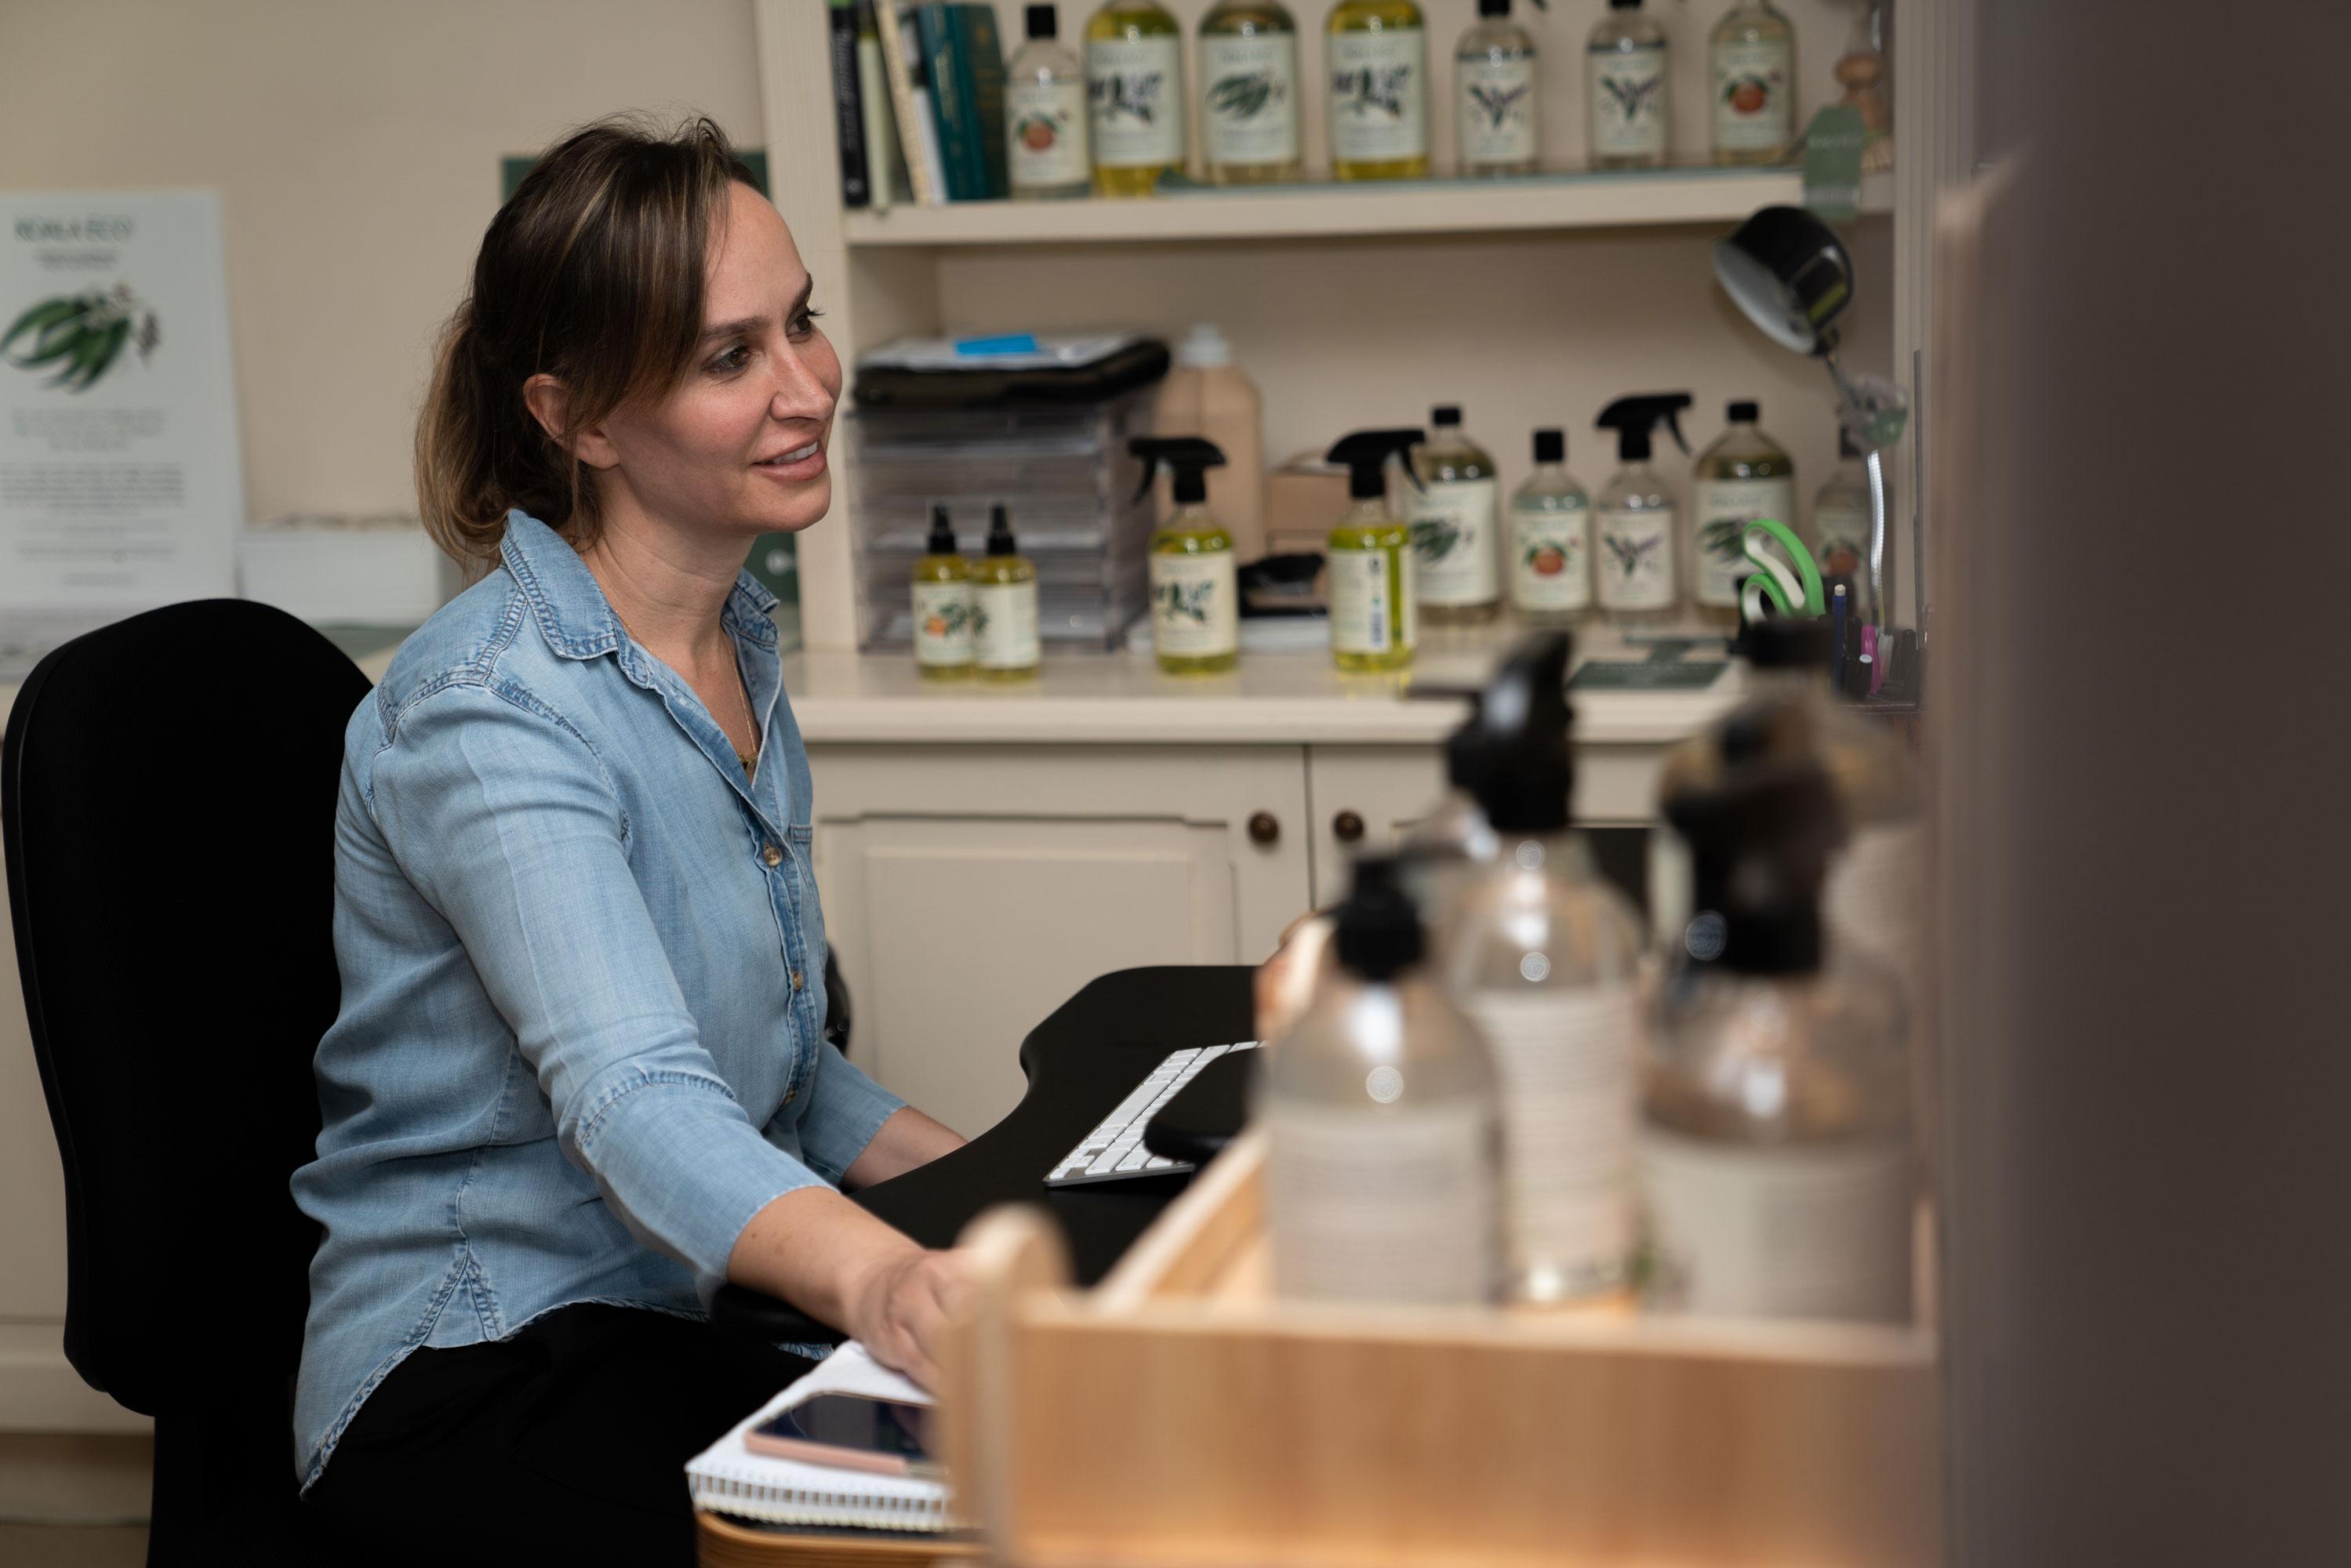 Australian start up founder Jessica of Koala Eco in studio